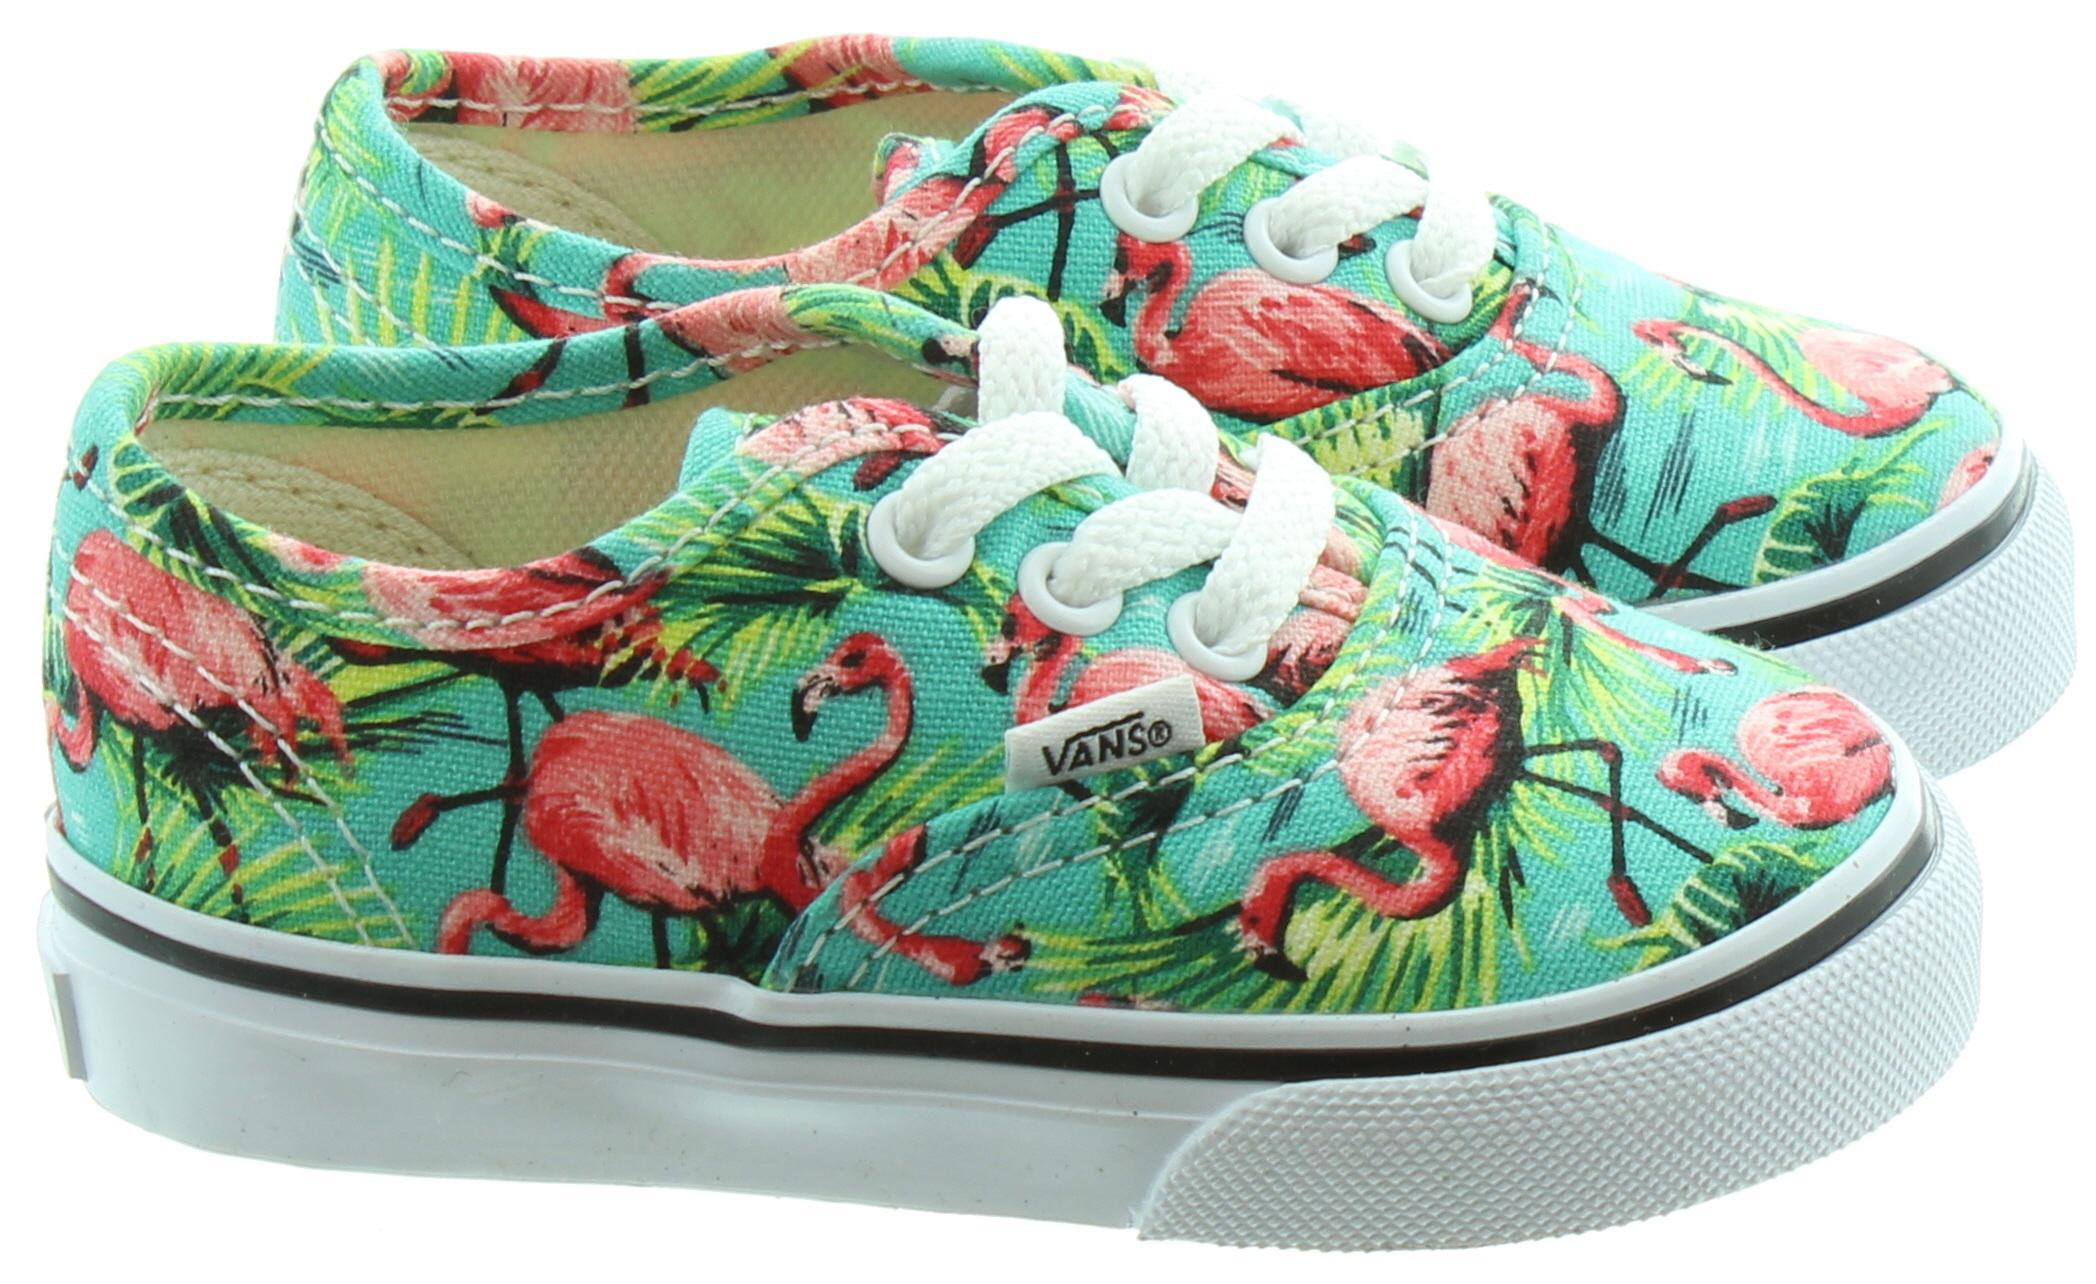 Vans Shoes Floral | Flamingo Vans | Vans Van Doren